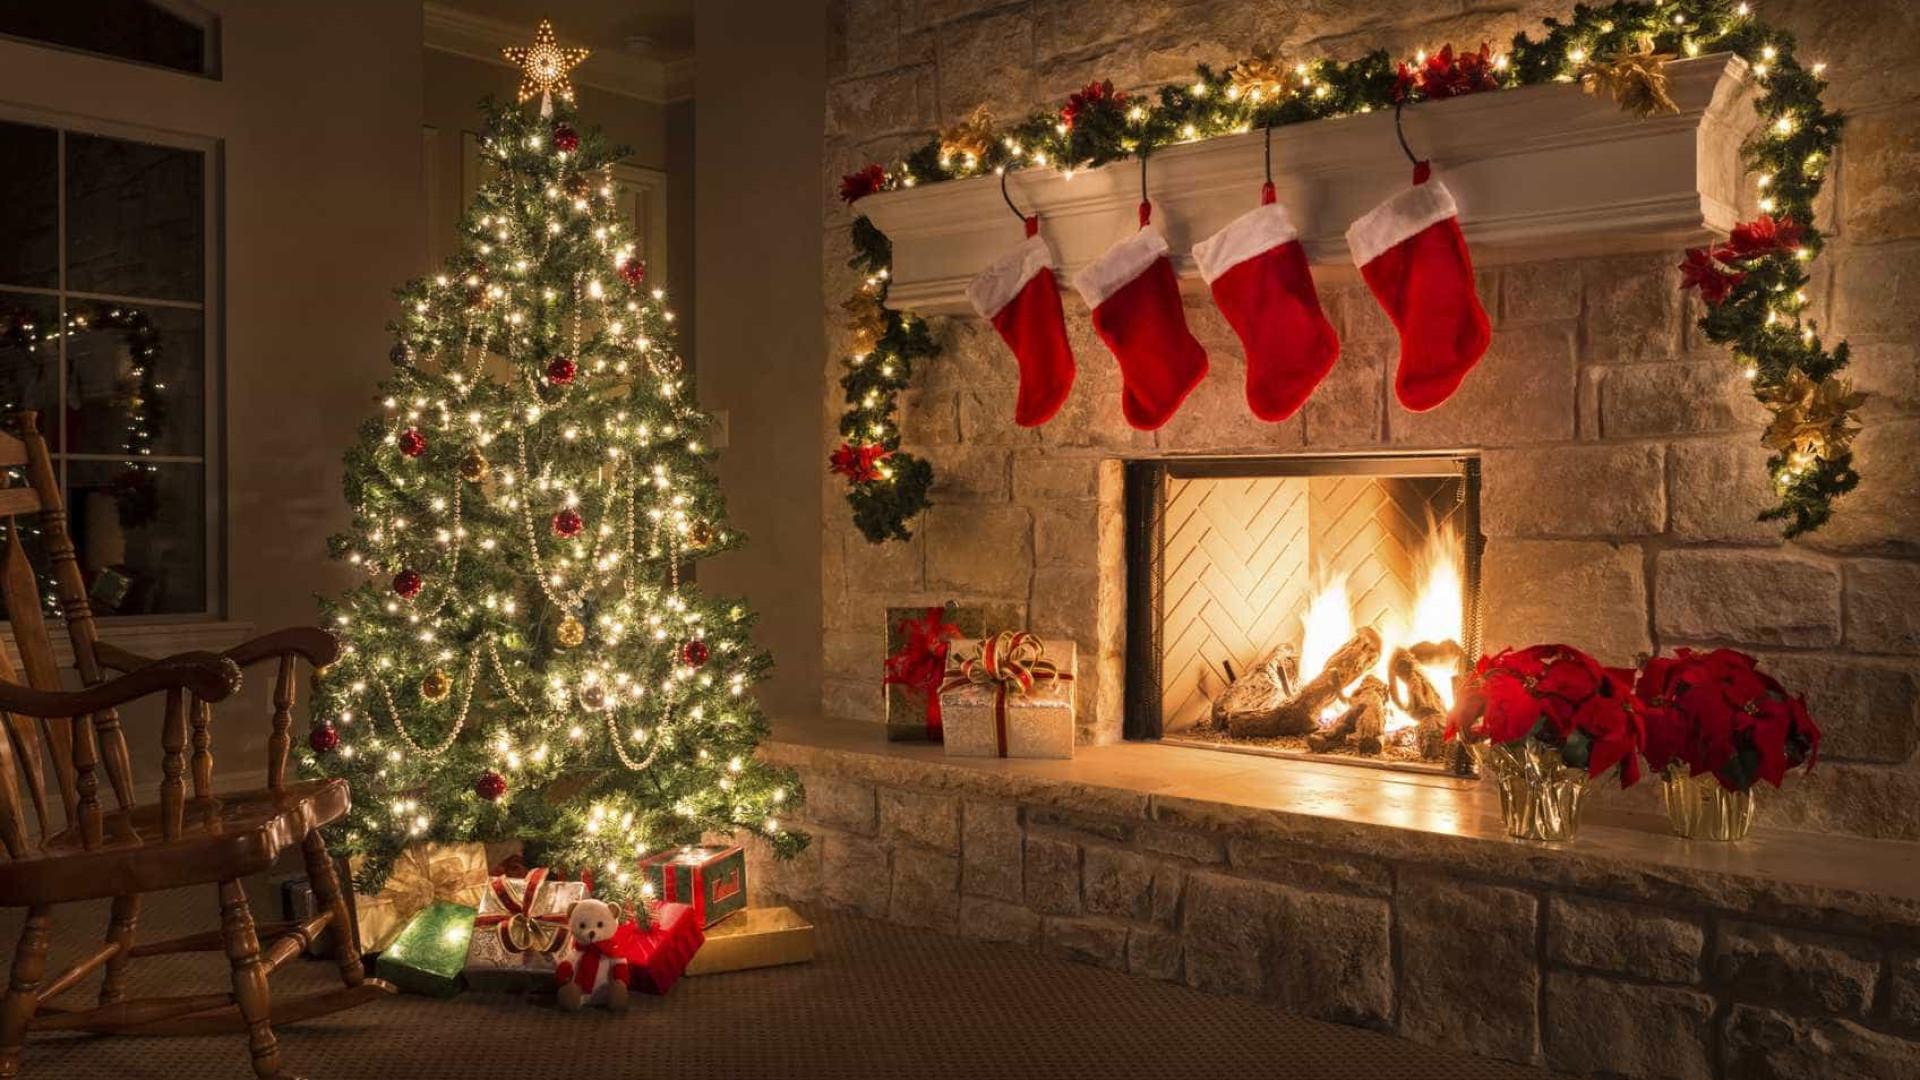 Descubra o dia certo de montar a árvore de Natal, segundo a tradição